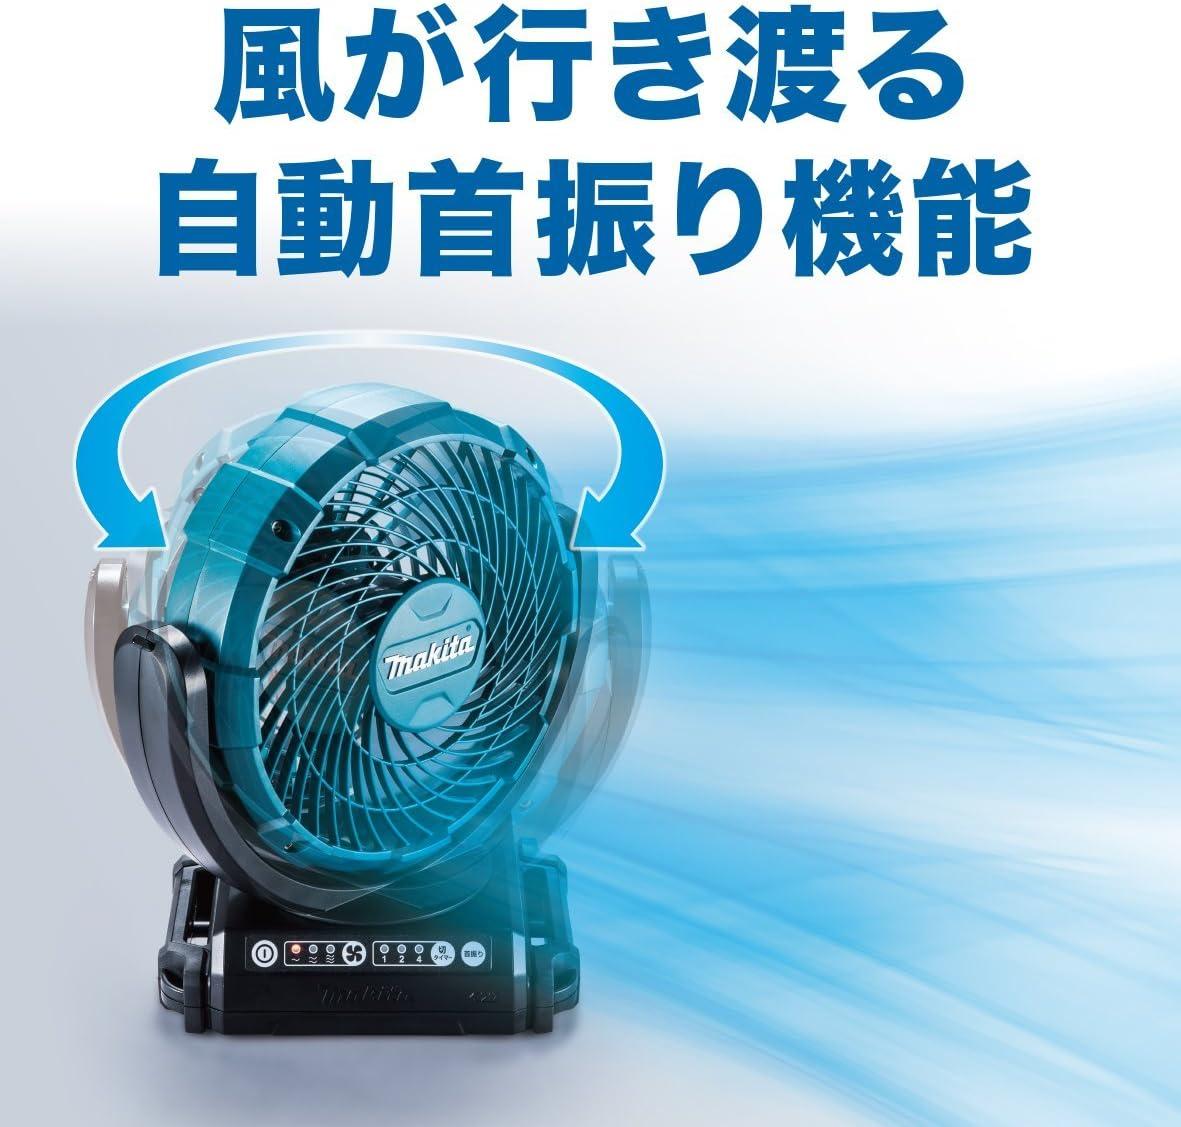 71AEl4LlCGL. AC SL1181  - 車中泊を快適に!扇風機の選び方とおすすめ4つを紹介